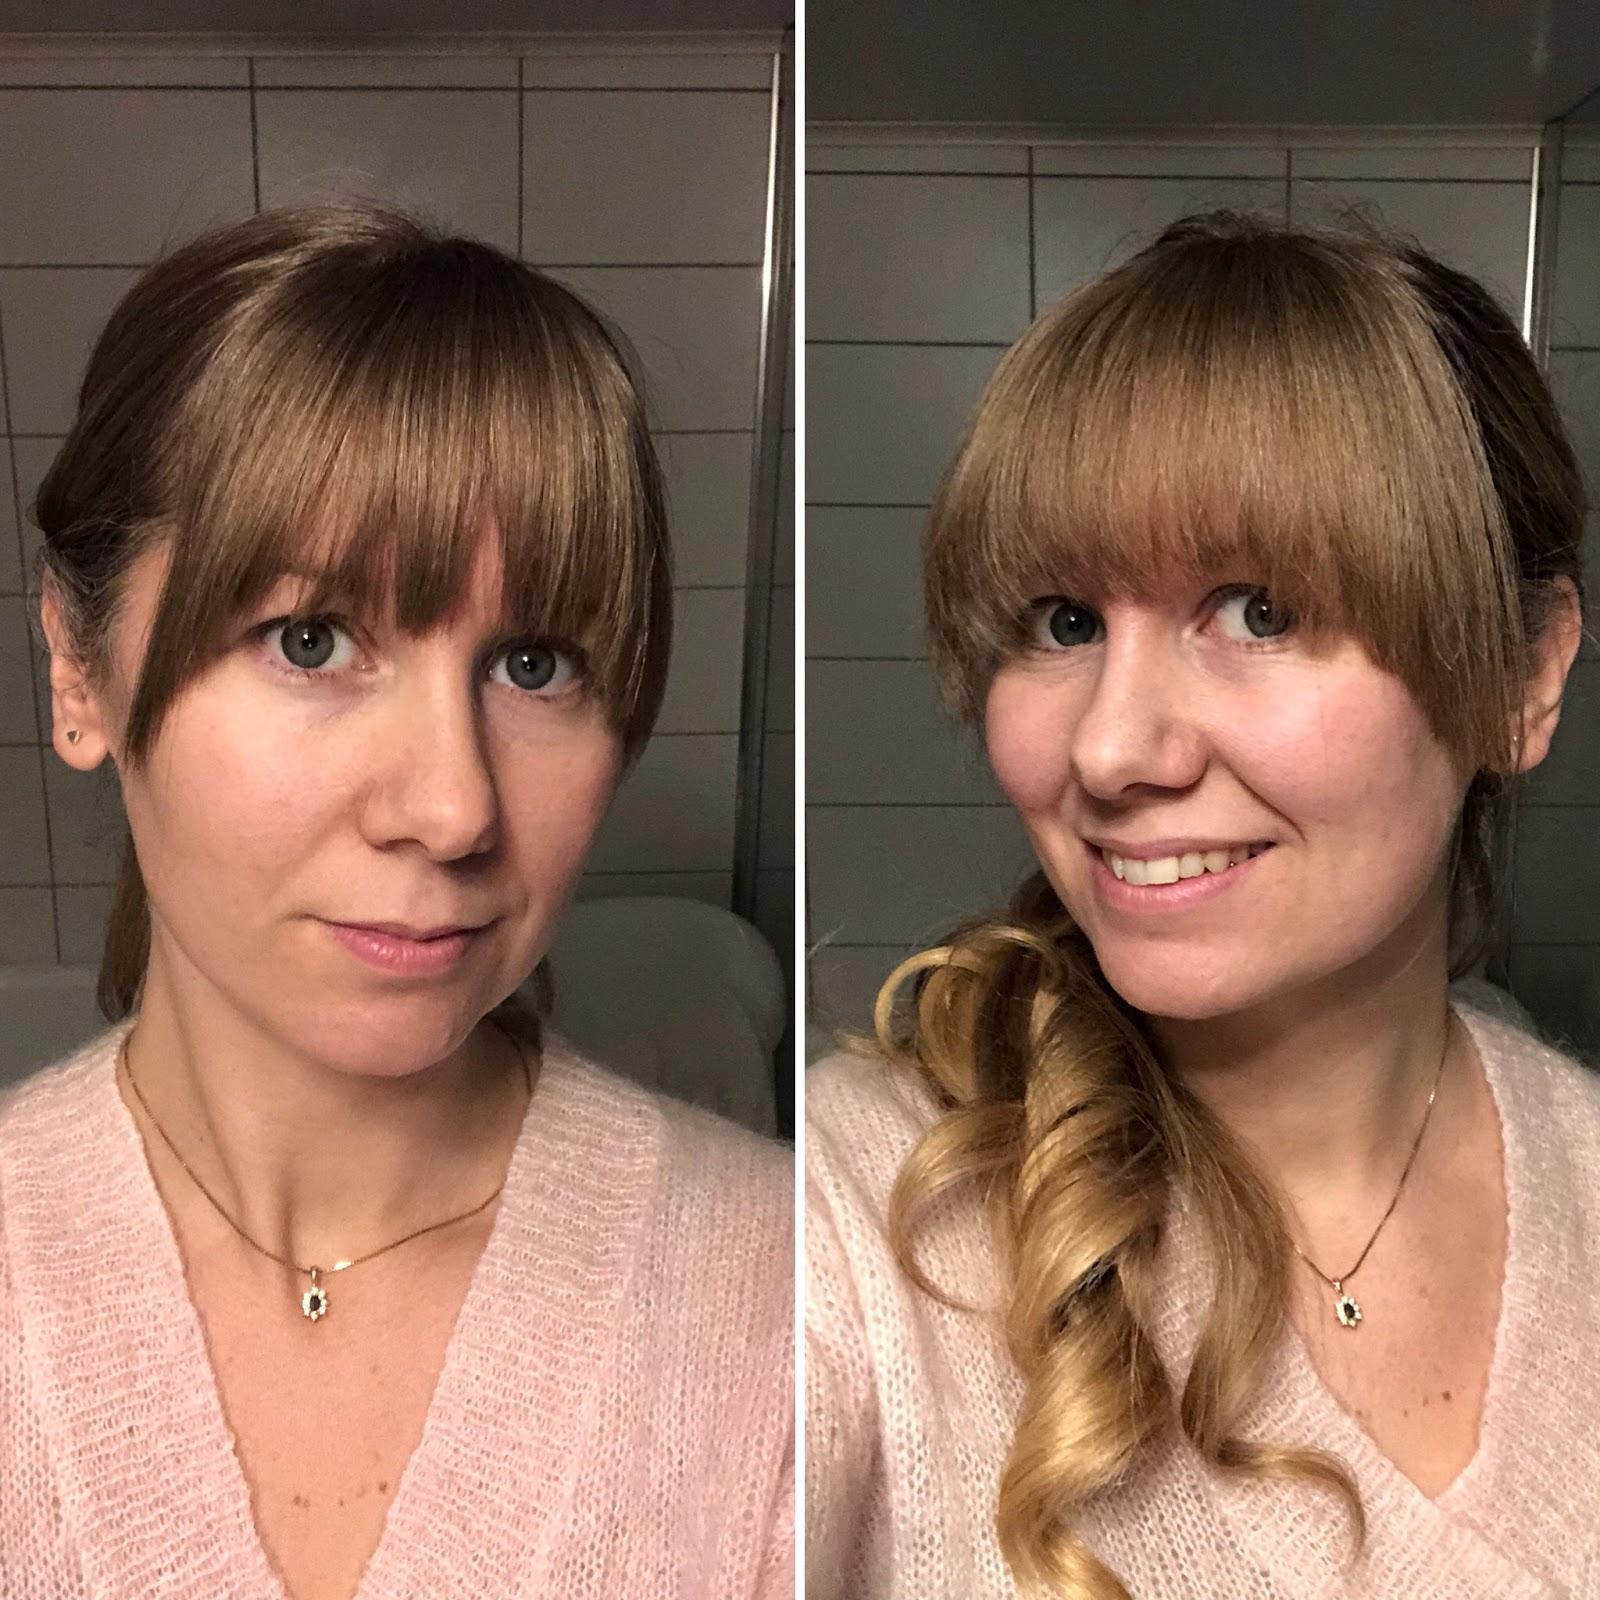 kamomill ljusare hår